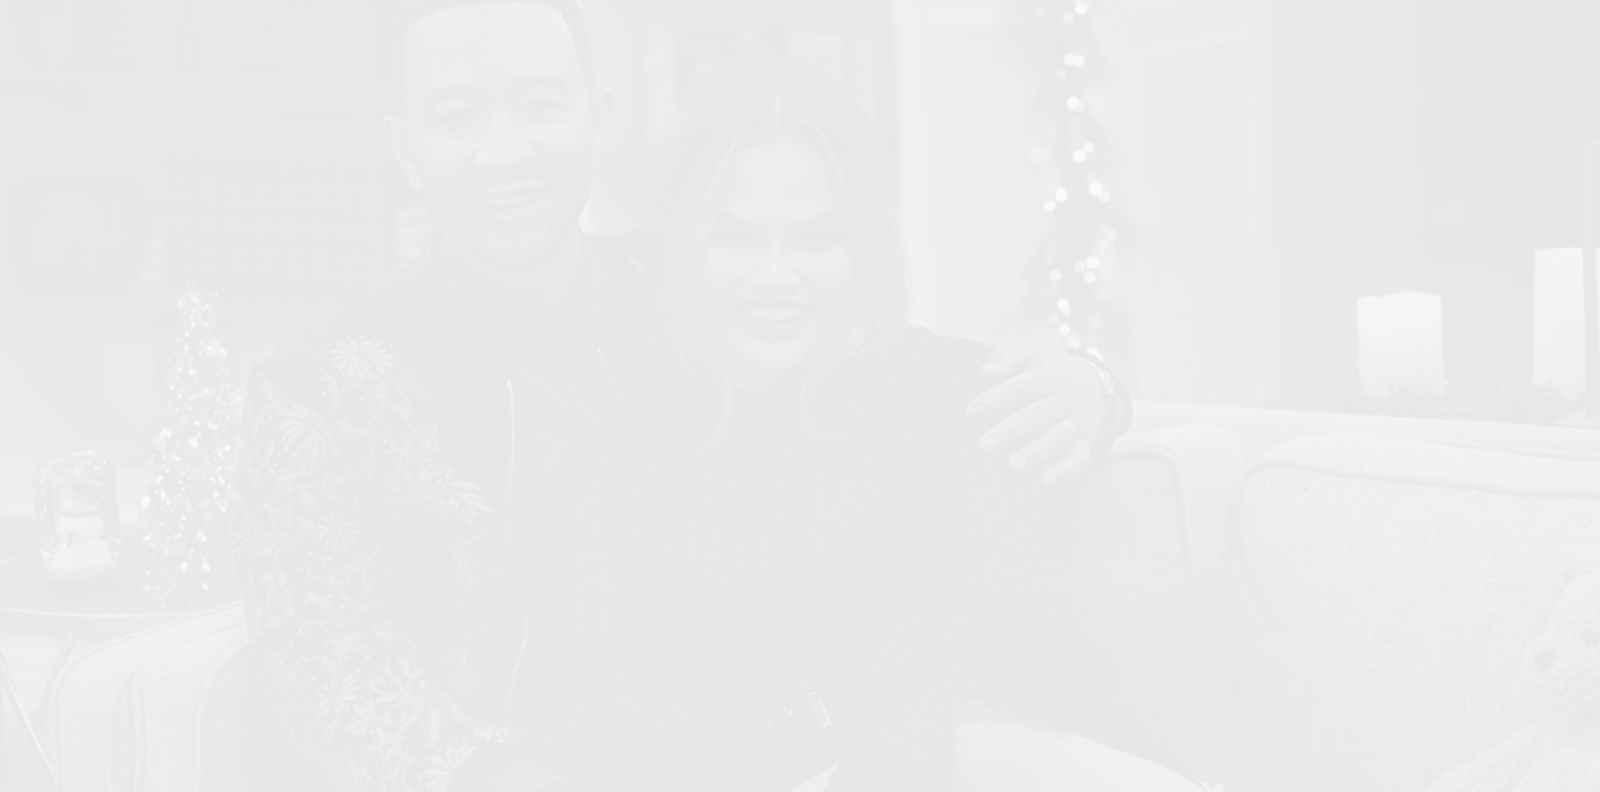 Джон Леджънд получава еднакви подаръци от Криси Тейгън всяка Коледа